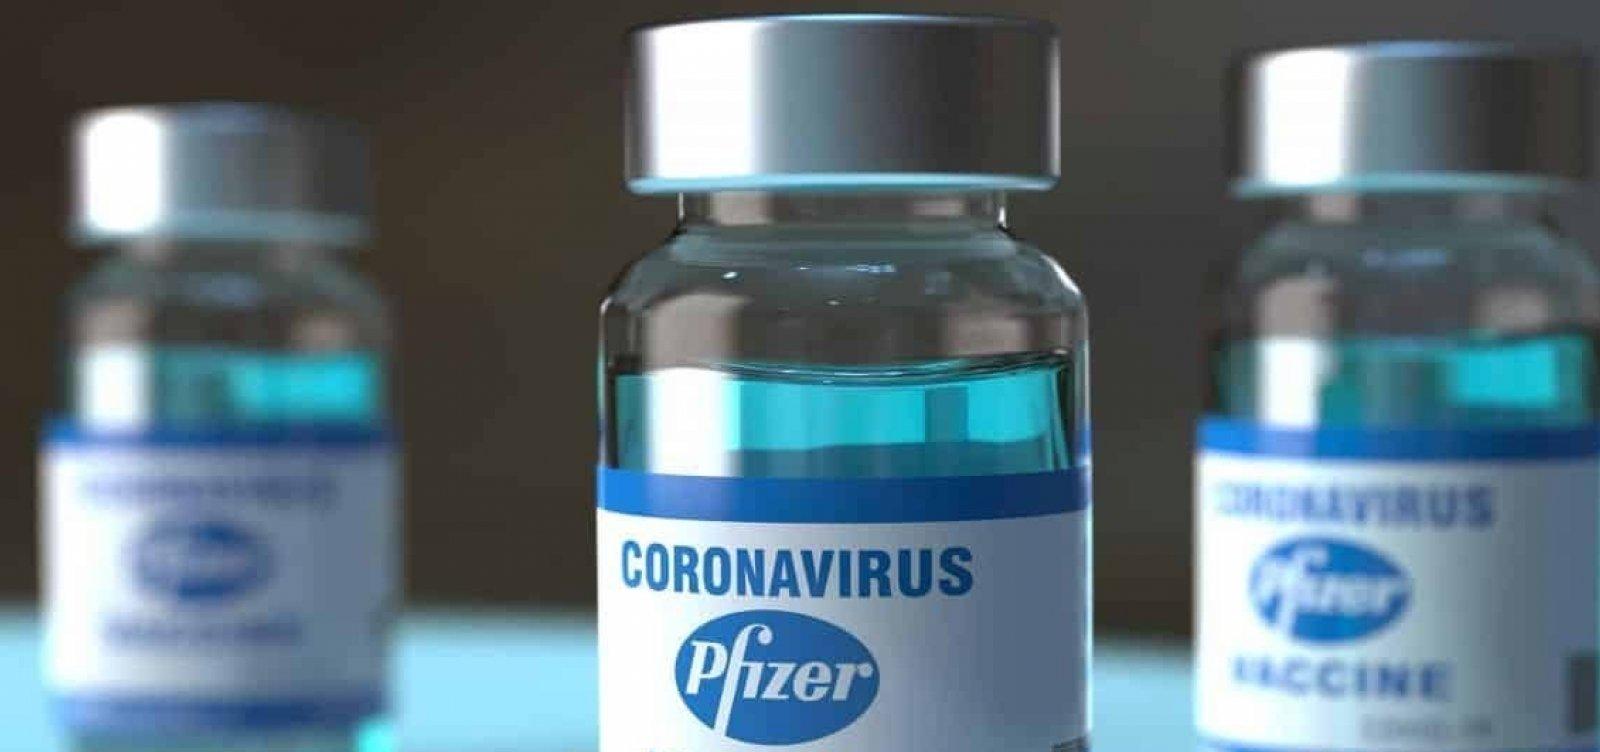 Pfizer propõe entregar 100 milhões de doses da vacina contra Covid-19 ao Brasil, diz CNN